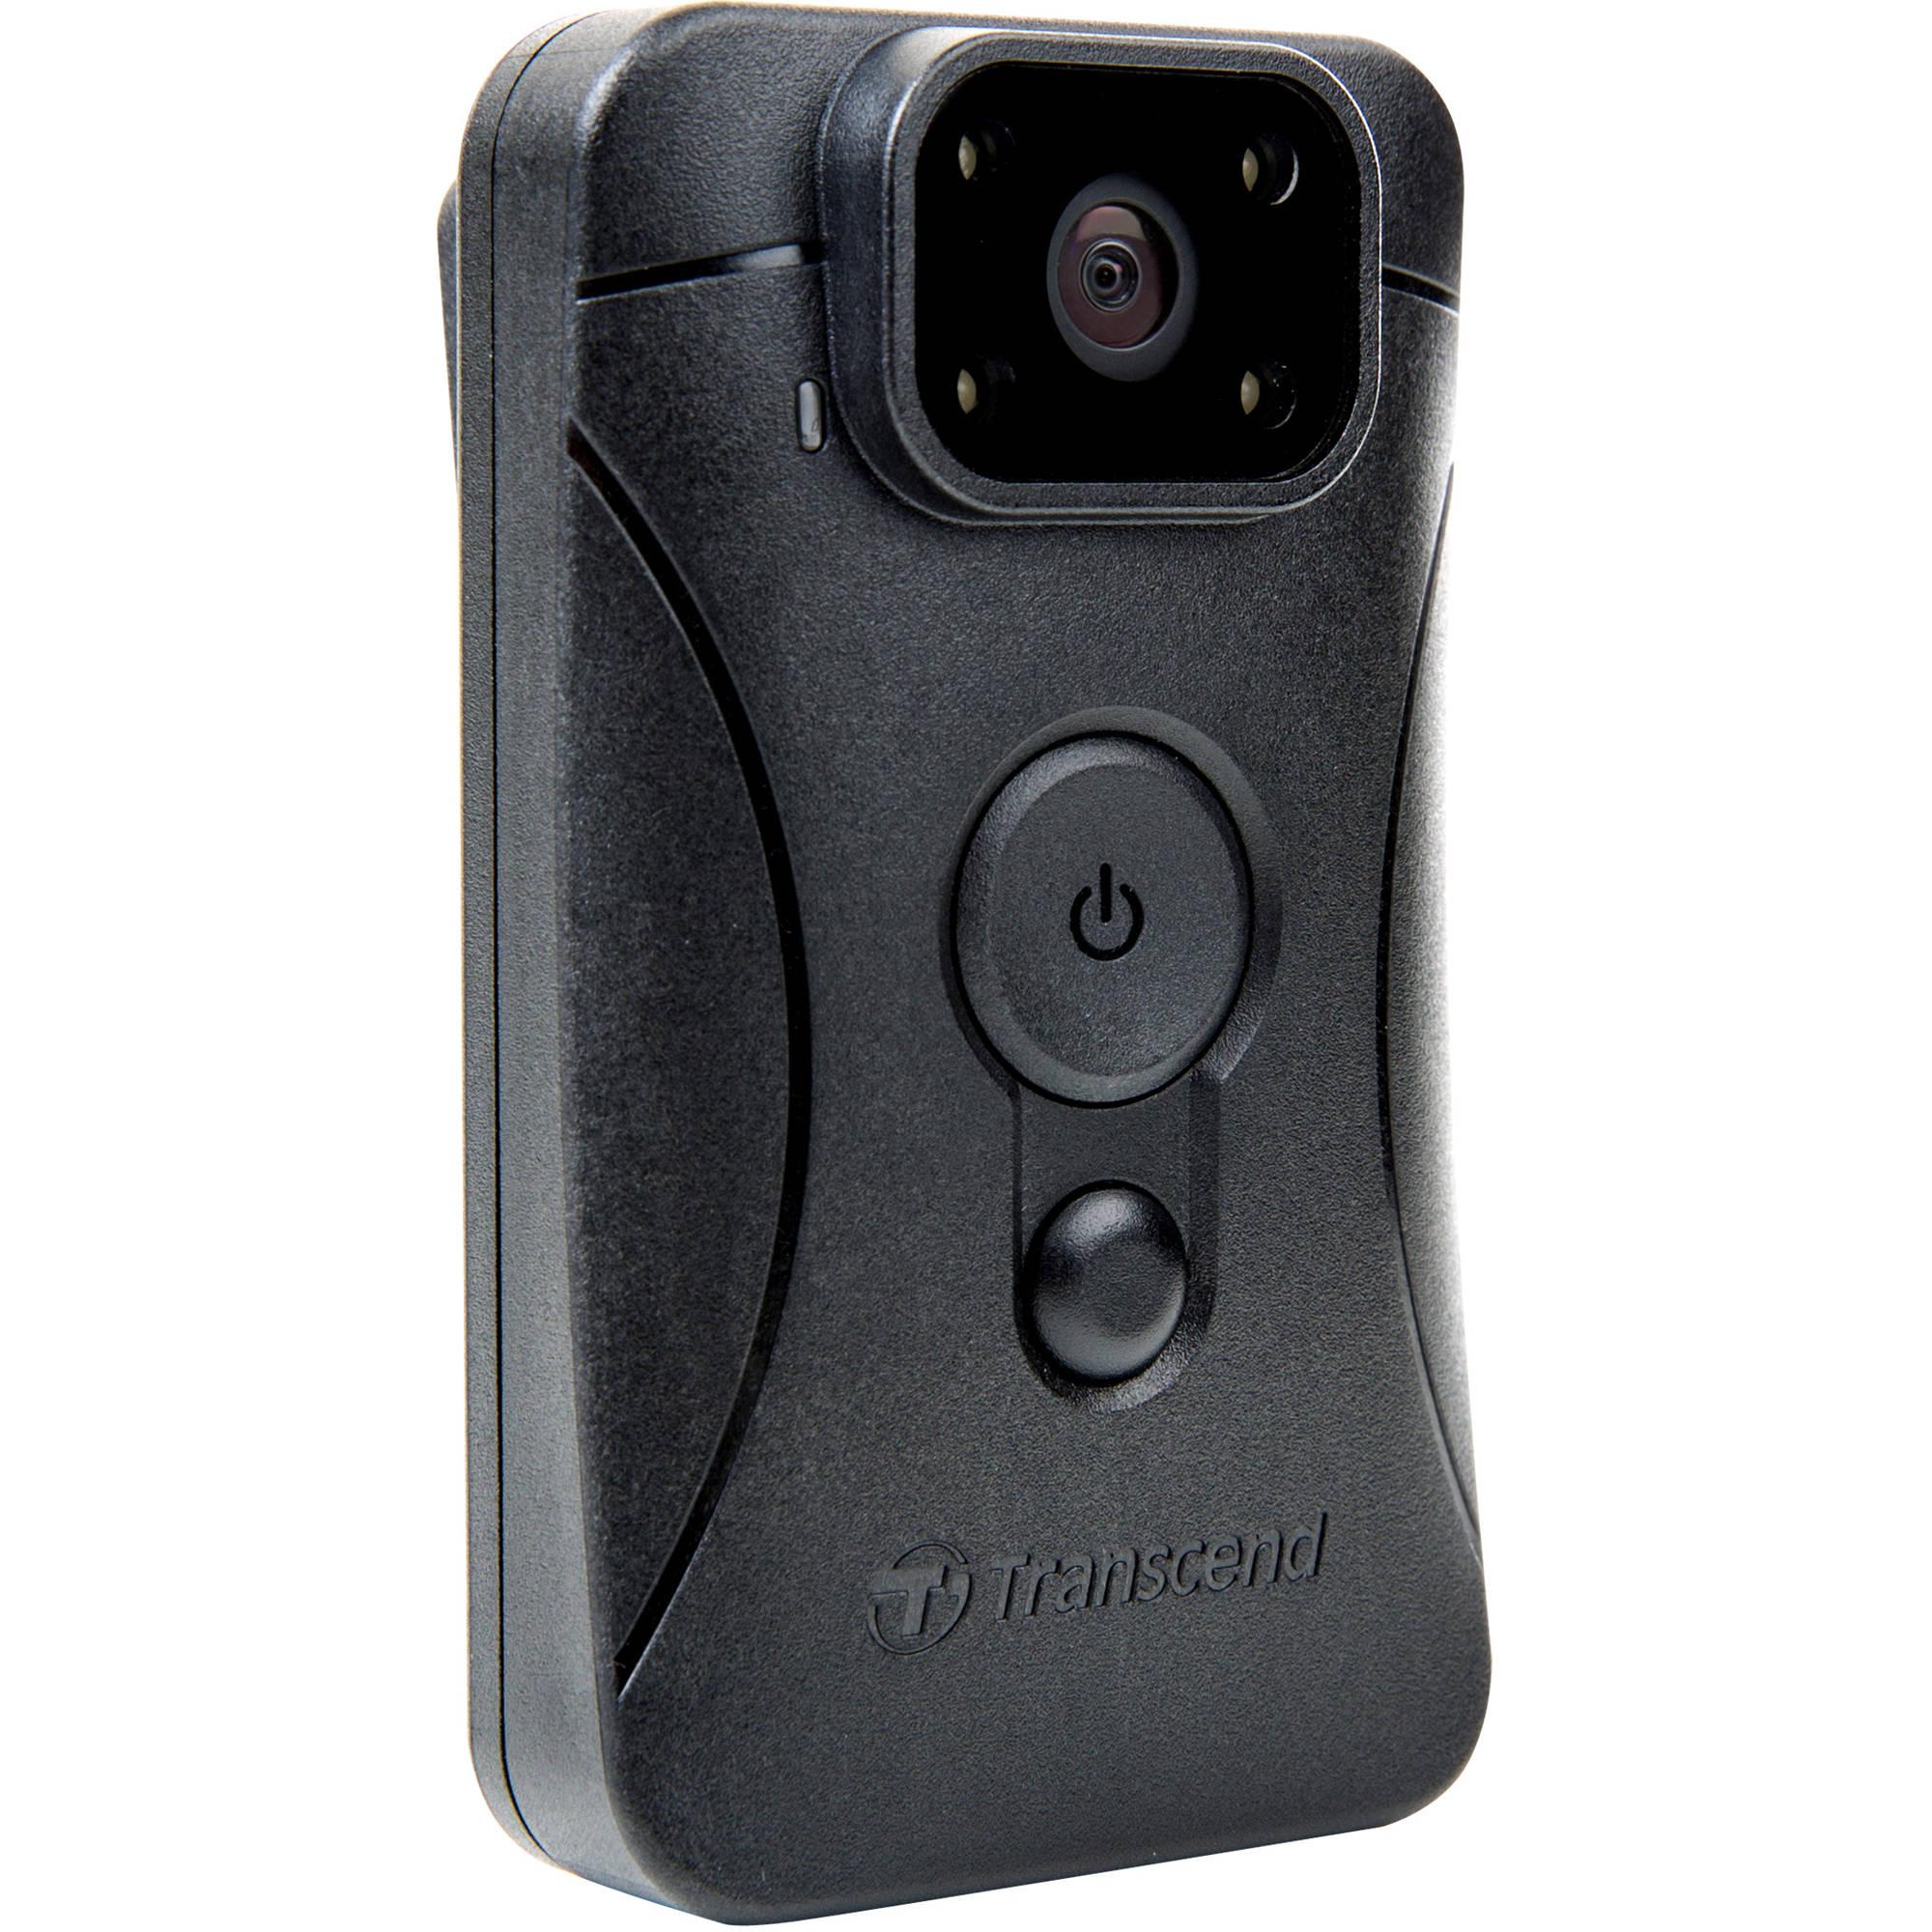 Transcend DrivePro Body 10 Body Camera TS32GDPB10A B&H Photo